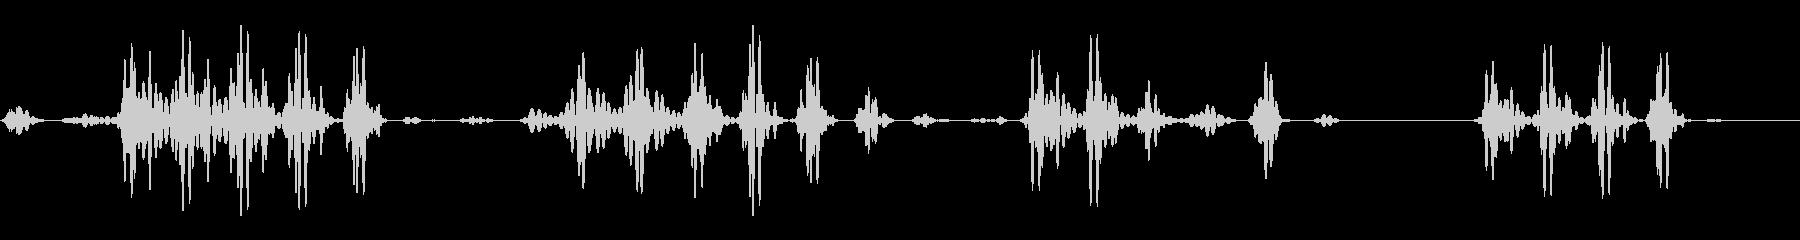 ドゥドゥドゥ(空気の揺れる音)の未再生の波形